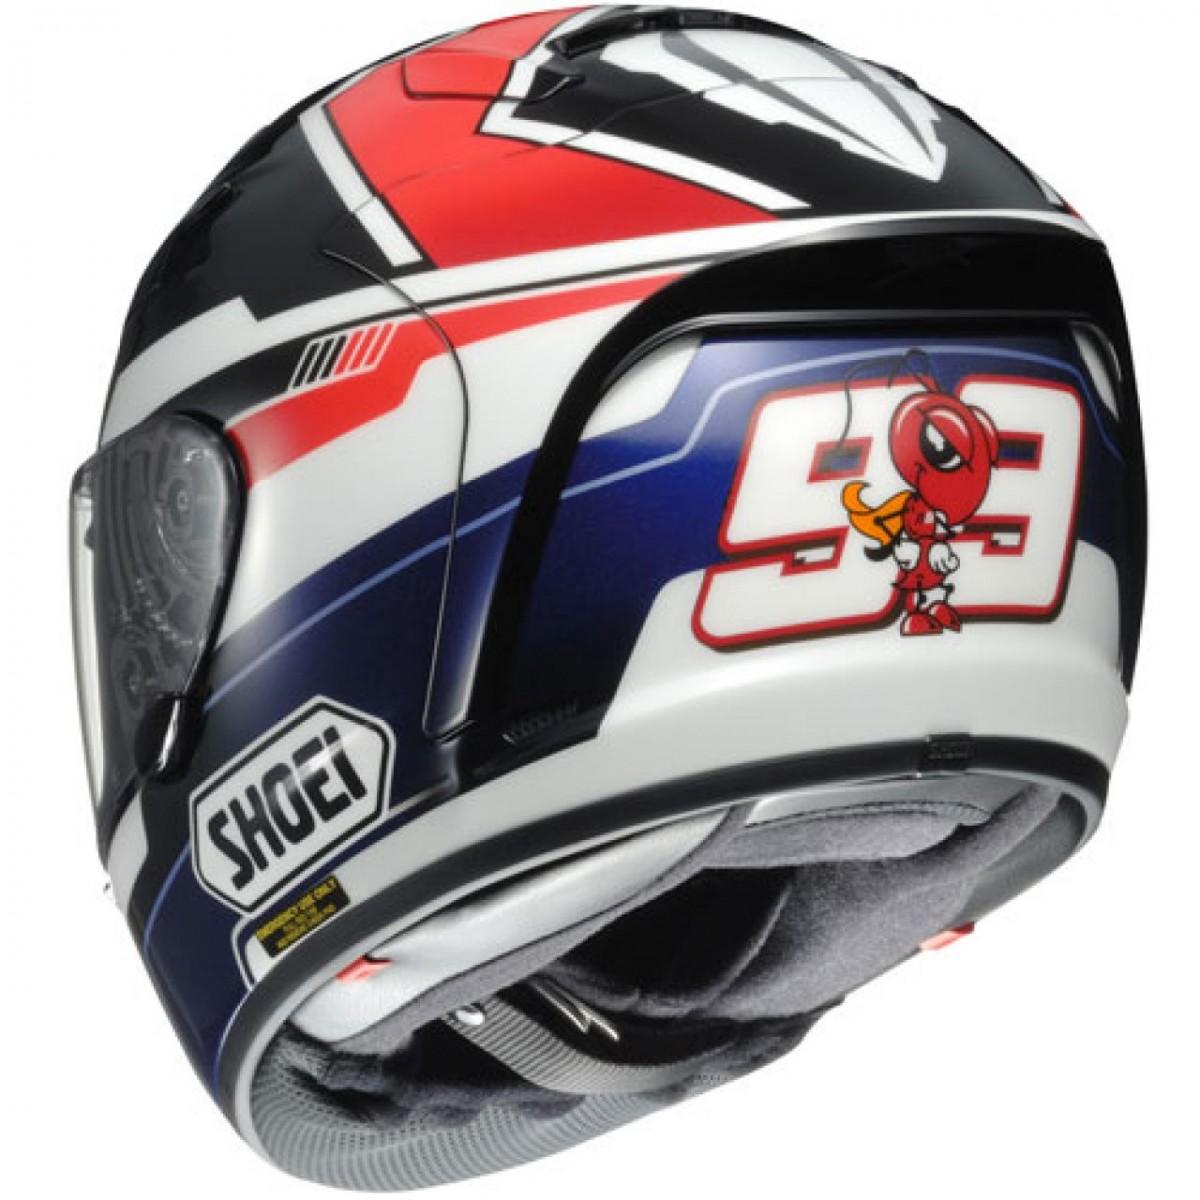 Capacete Shoei X-Spirit II Marquez TC-1  - Motosports